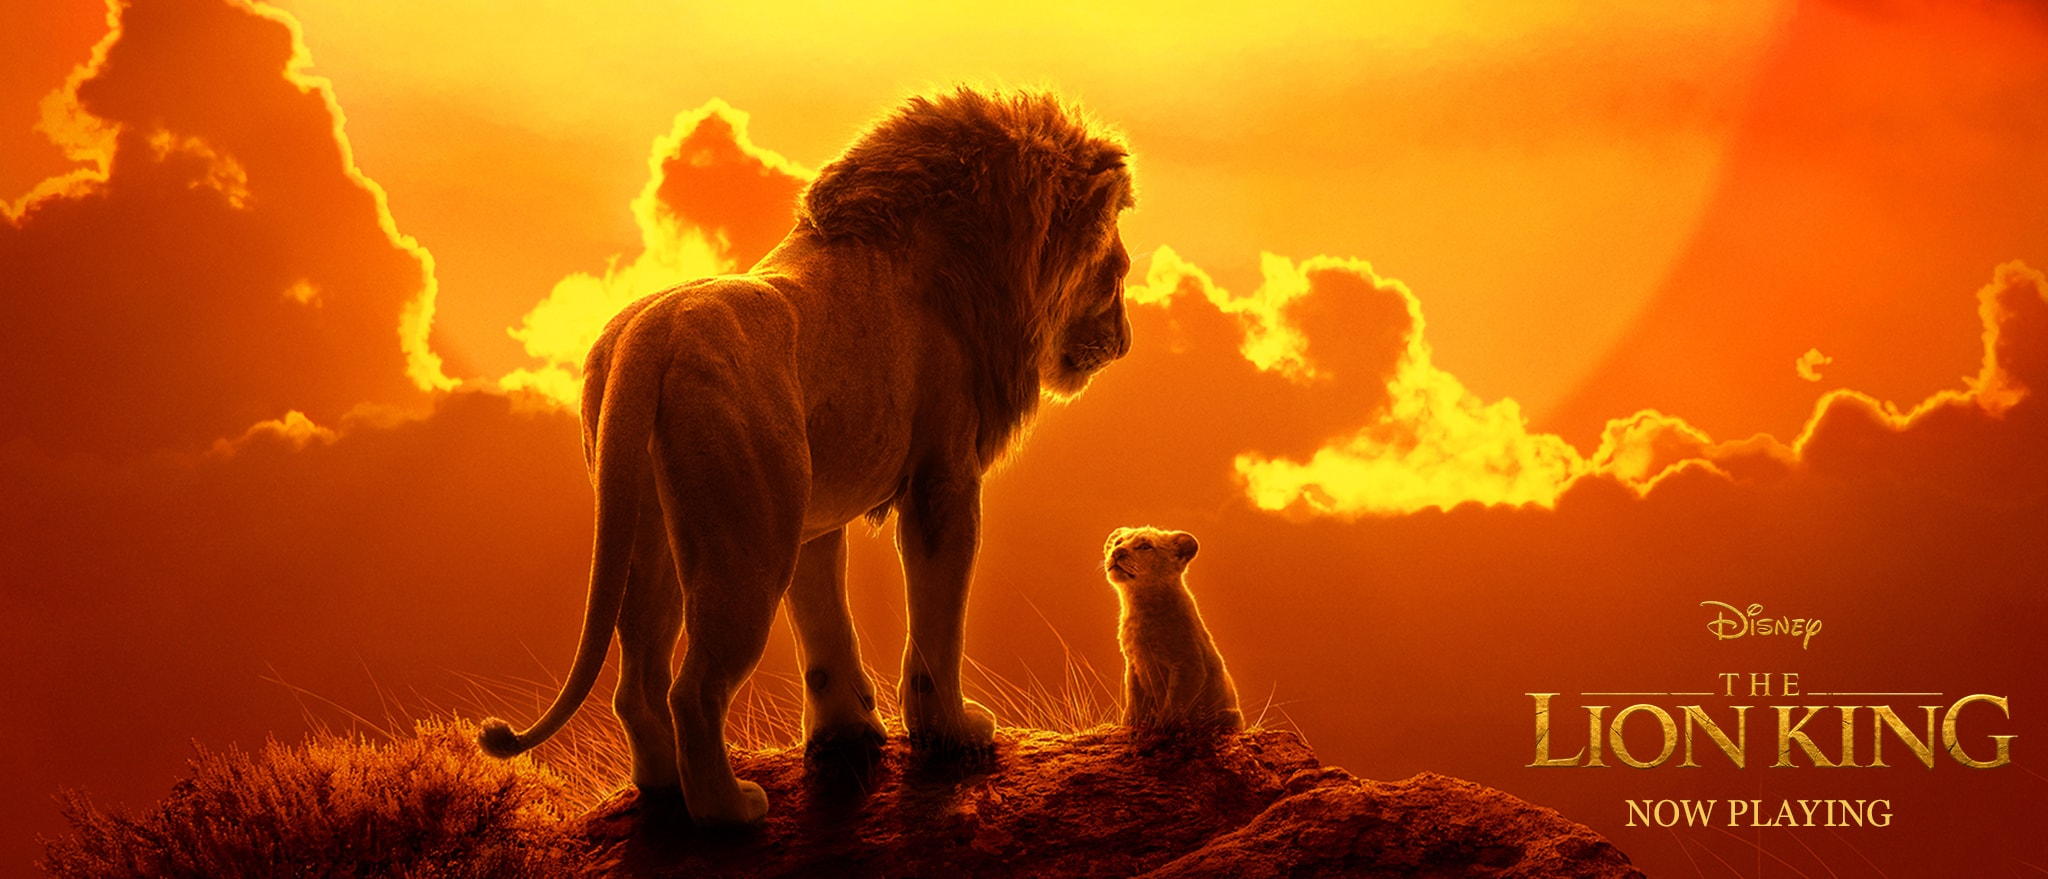 Malgré une baisse par rapport à sa première semaine, Le Roi Lion reste le film le plus regardé dans les cinémas américains ce week-end